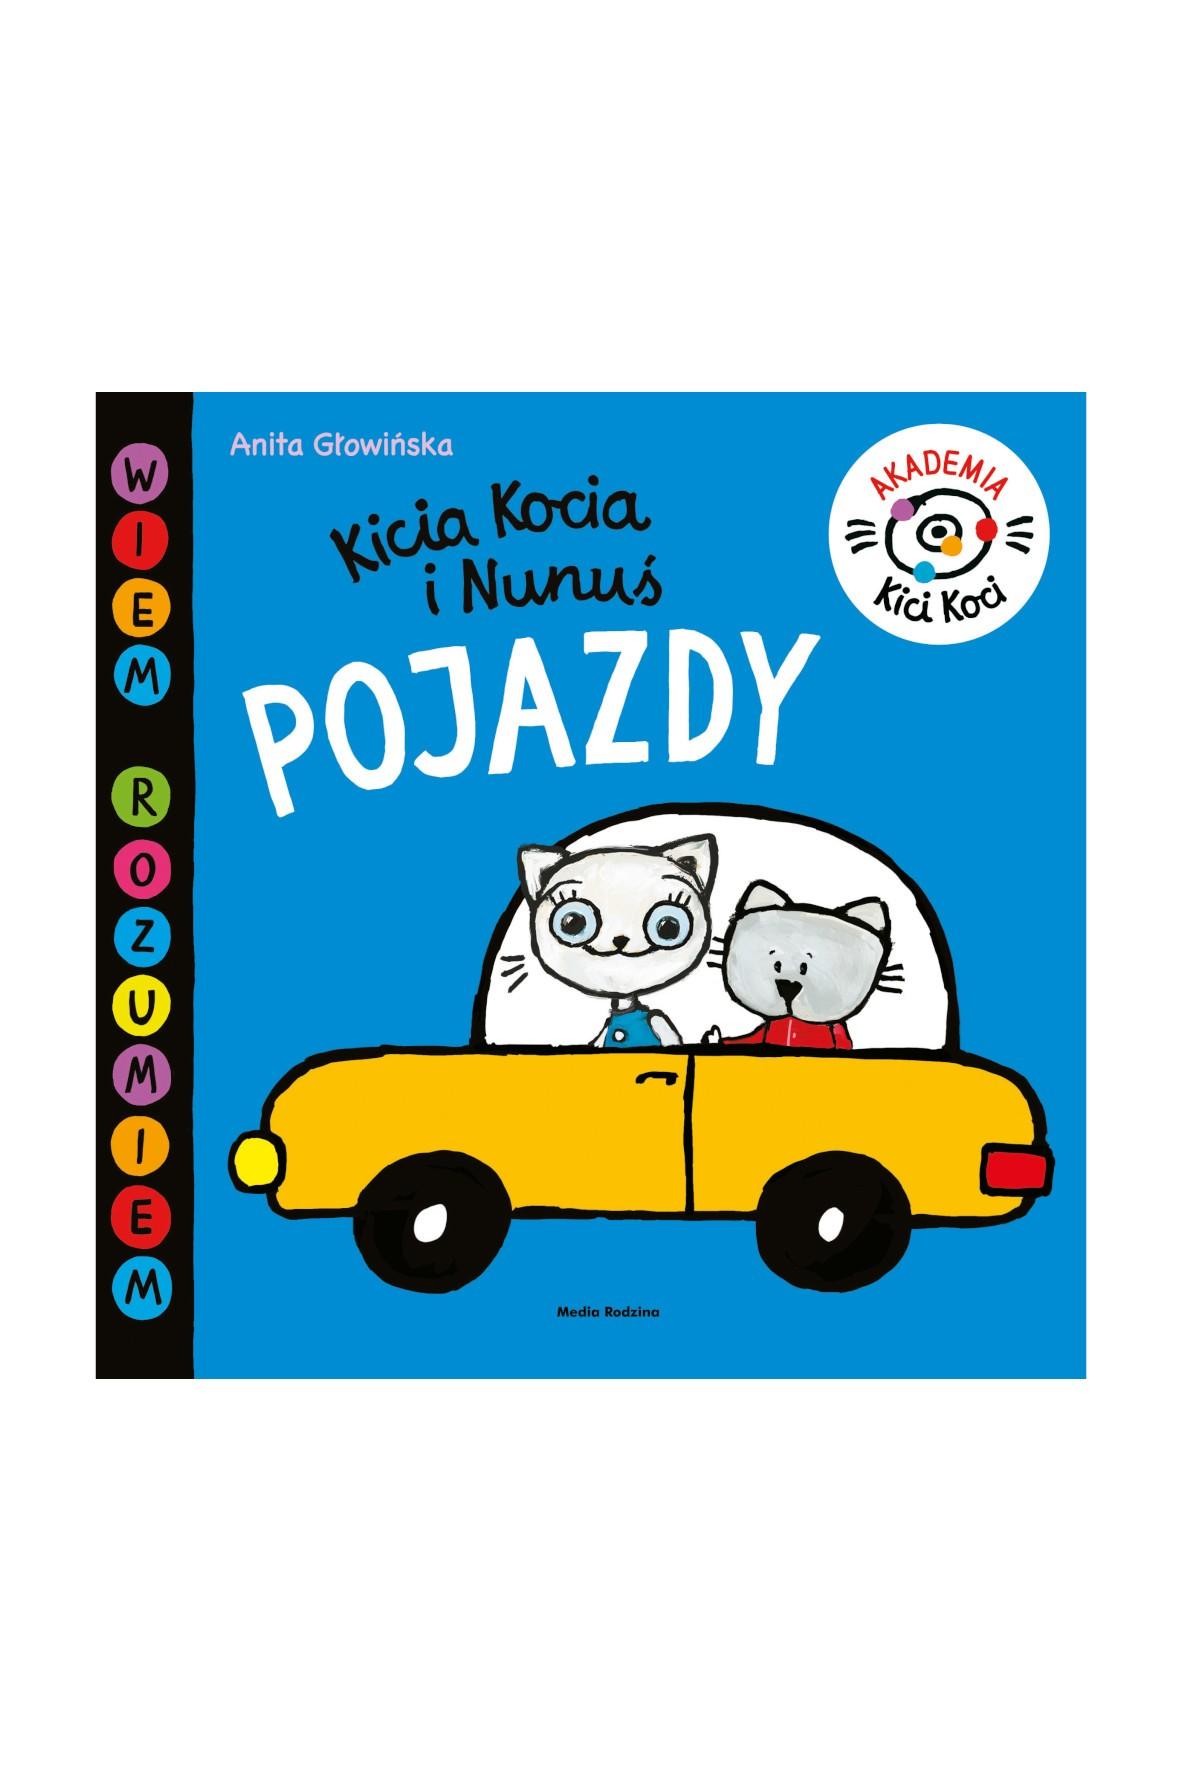 Książka dla dzieci - Pojazdy akademia Kici Koci wiek 2+